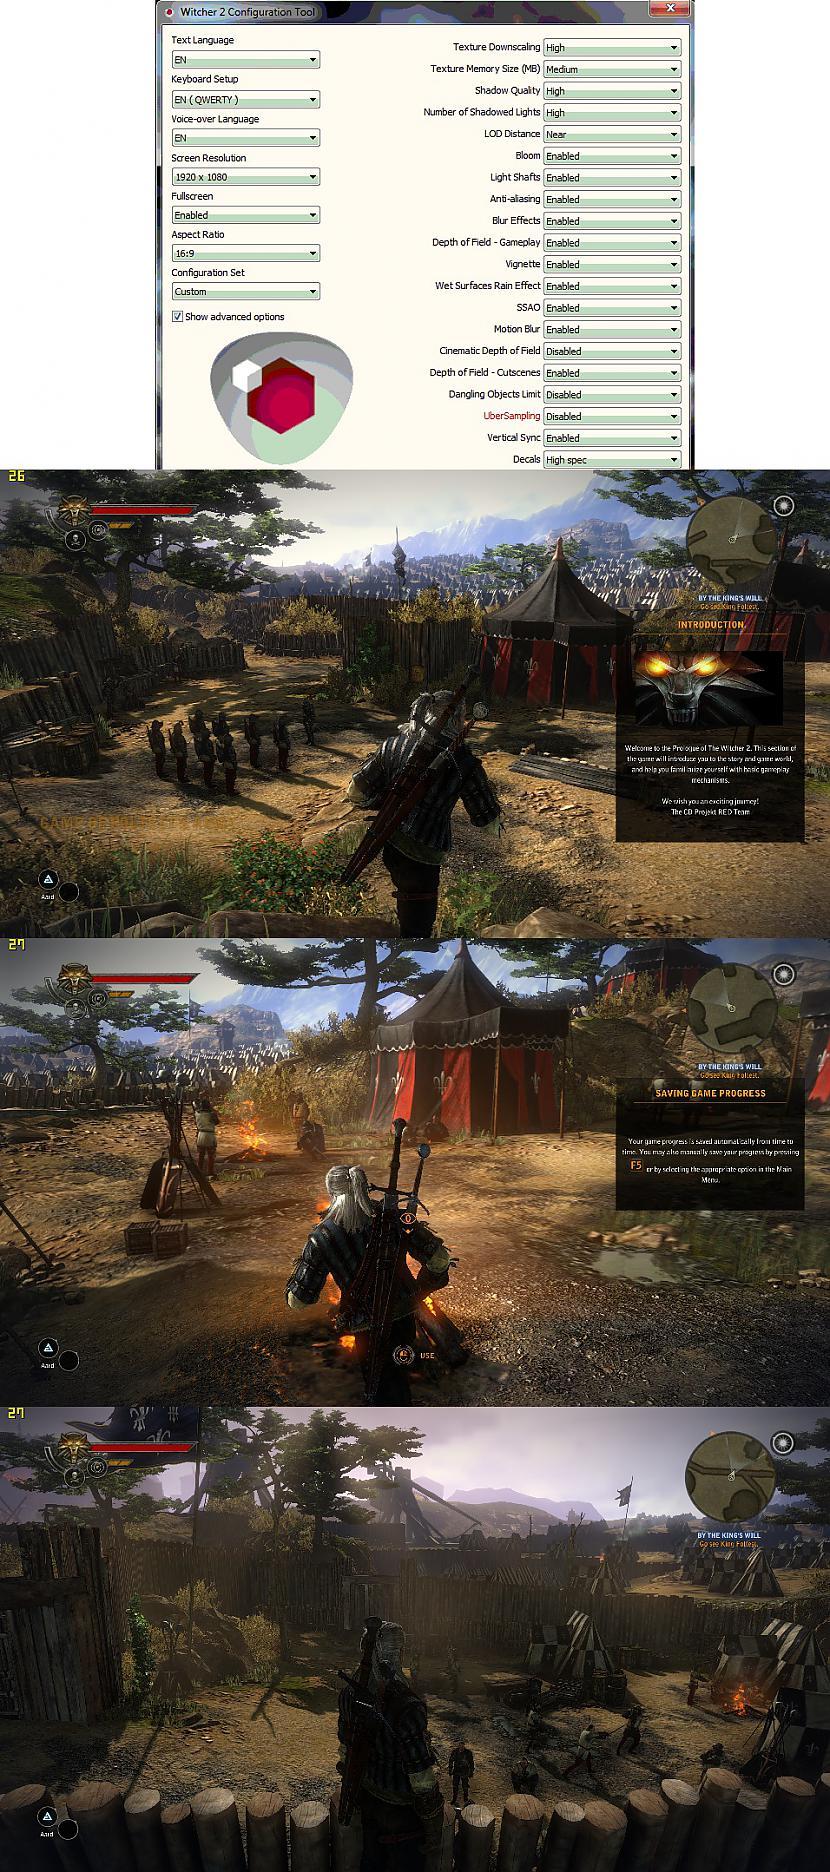 Witcher 2 Viena no smagākajām... Autors: BoyMan Tests: geimeru dators par 400Ls?